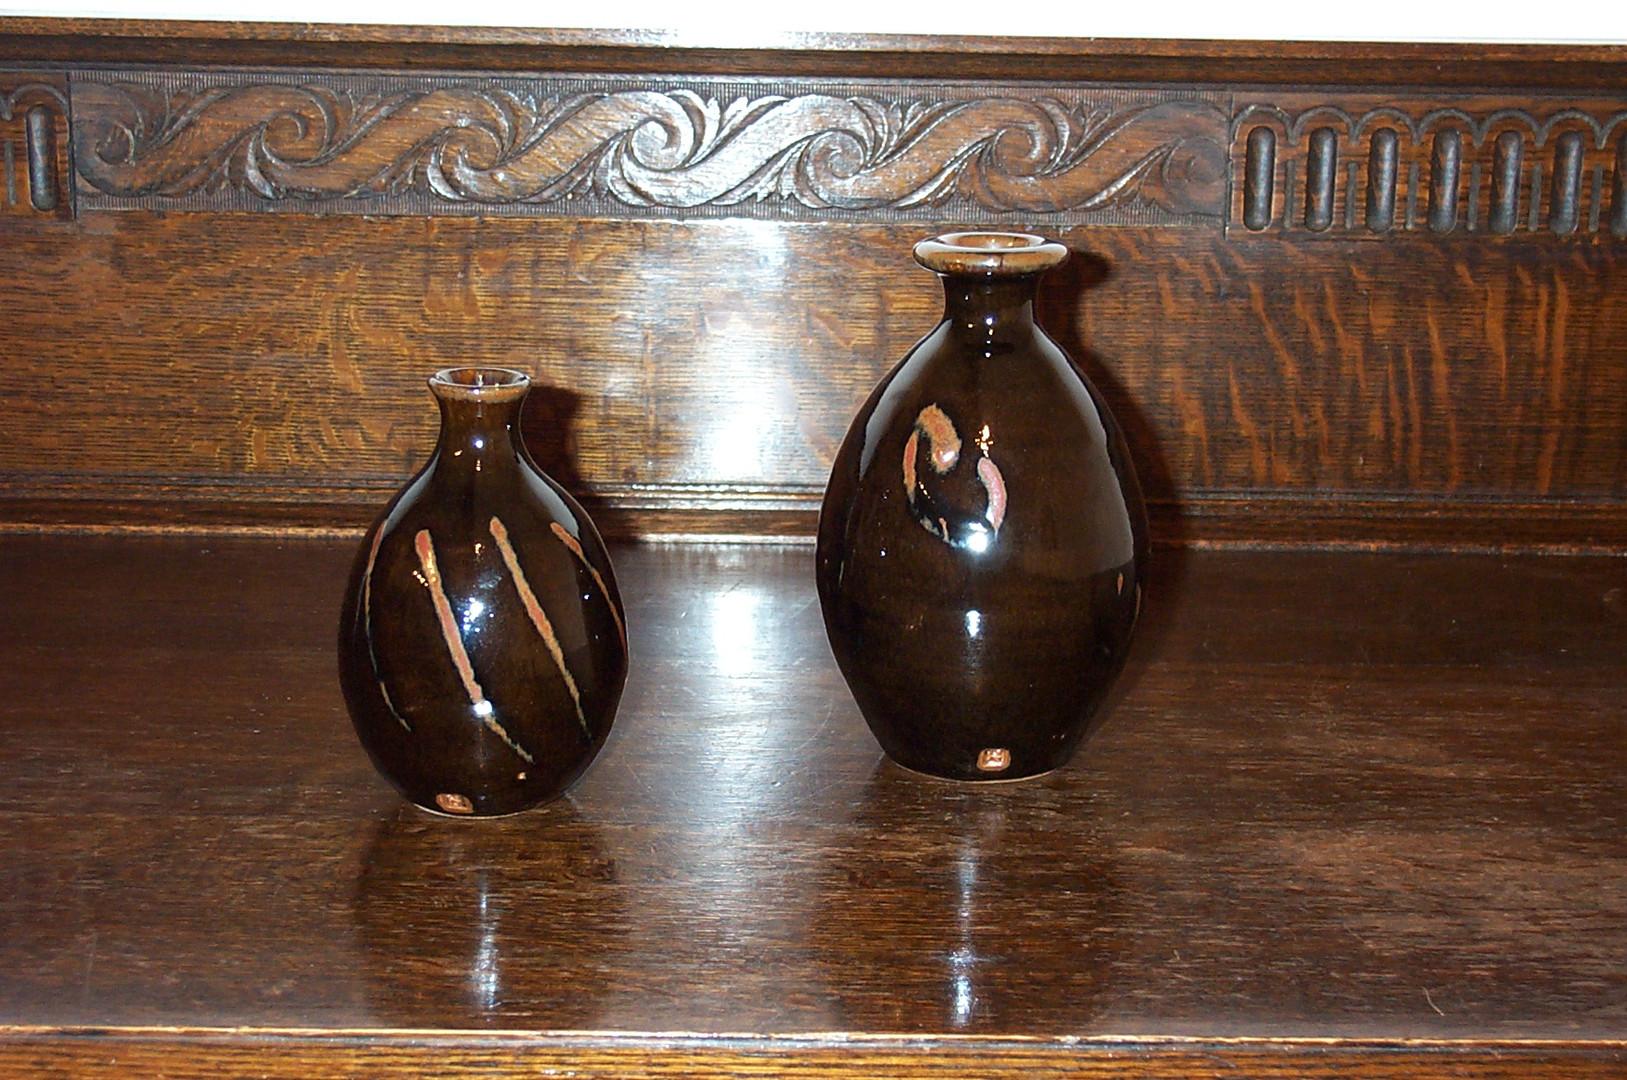 053-054  sake bottle_vase#F91D.jpg